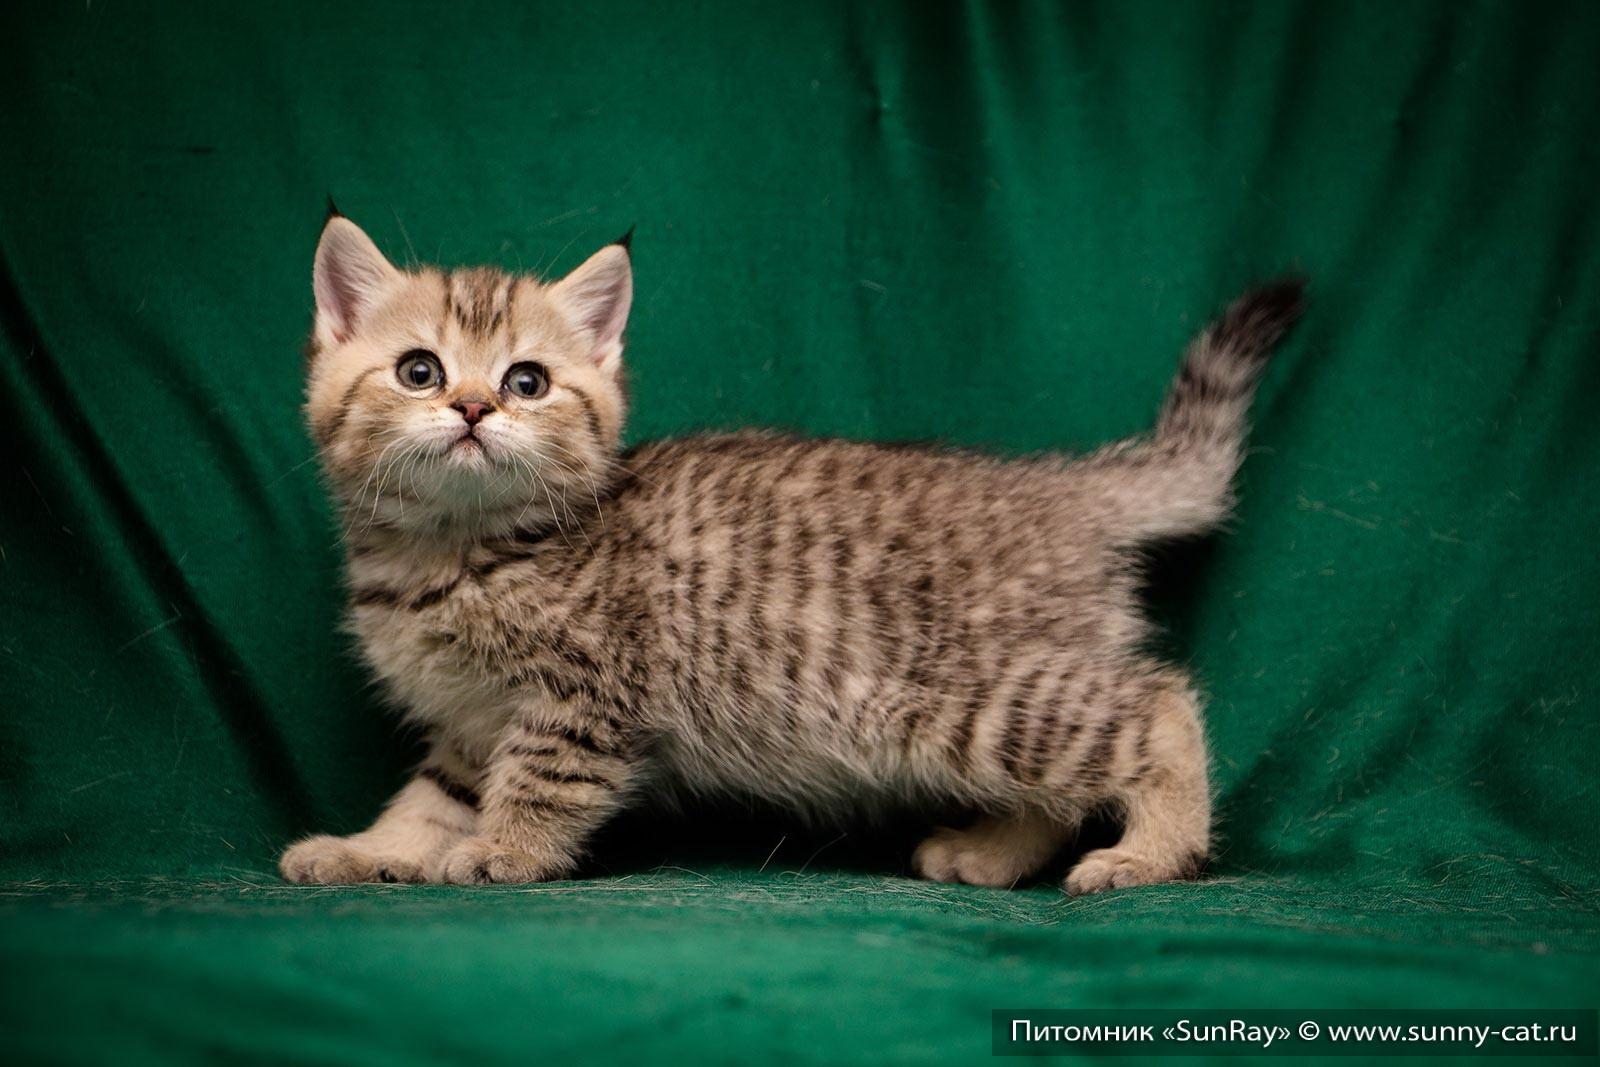 Имена для котов тигровых